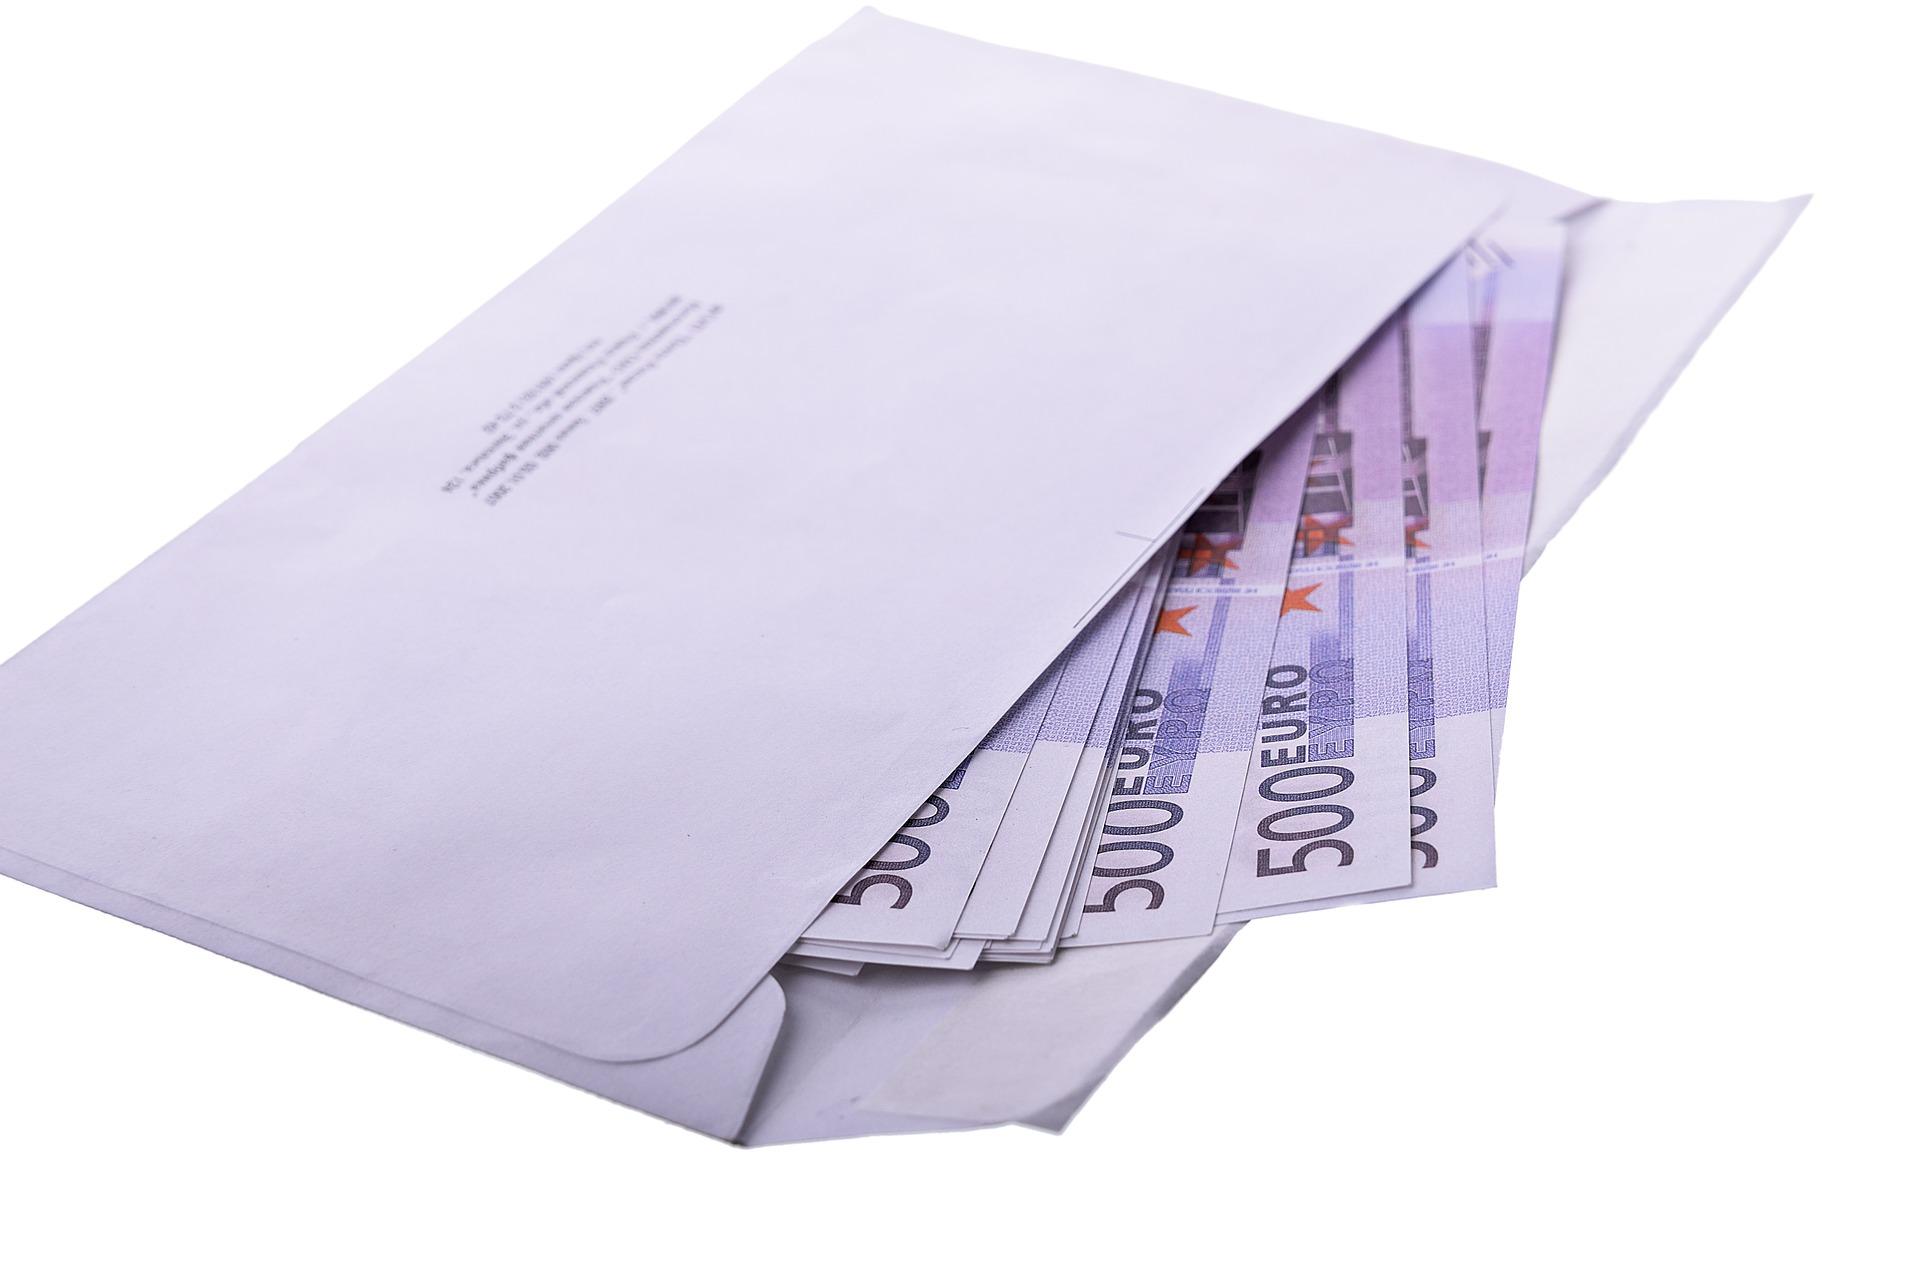 pagos de tarjetas de crédito (Foto: Pixabay)